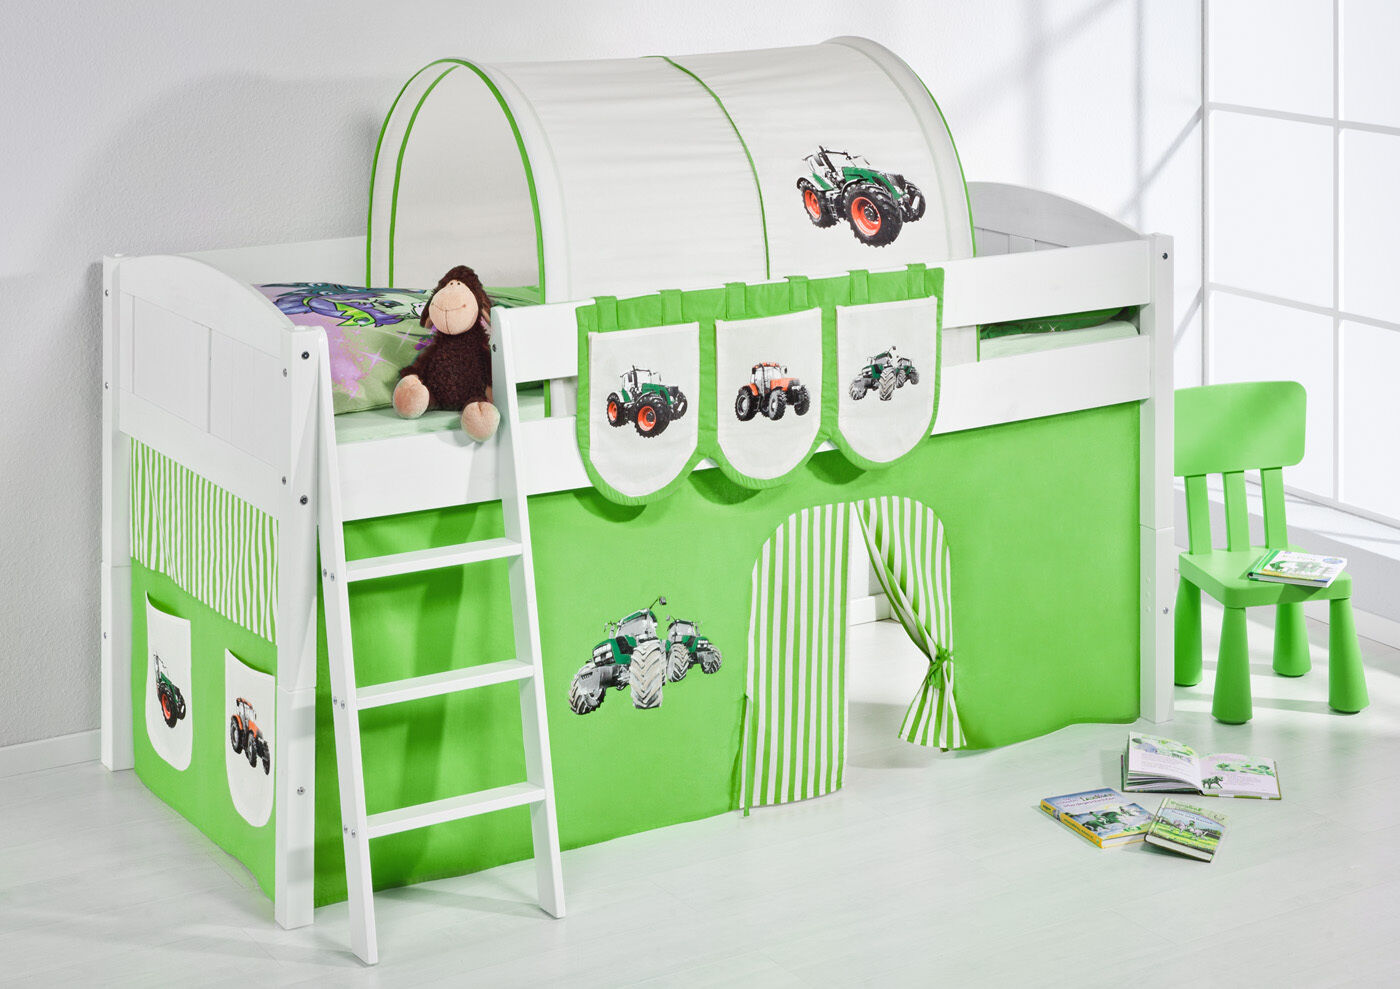 Letto Gioco Rialzato Bambini Converdeible da Singolo 4106 Lilokids Trattore verde